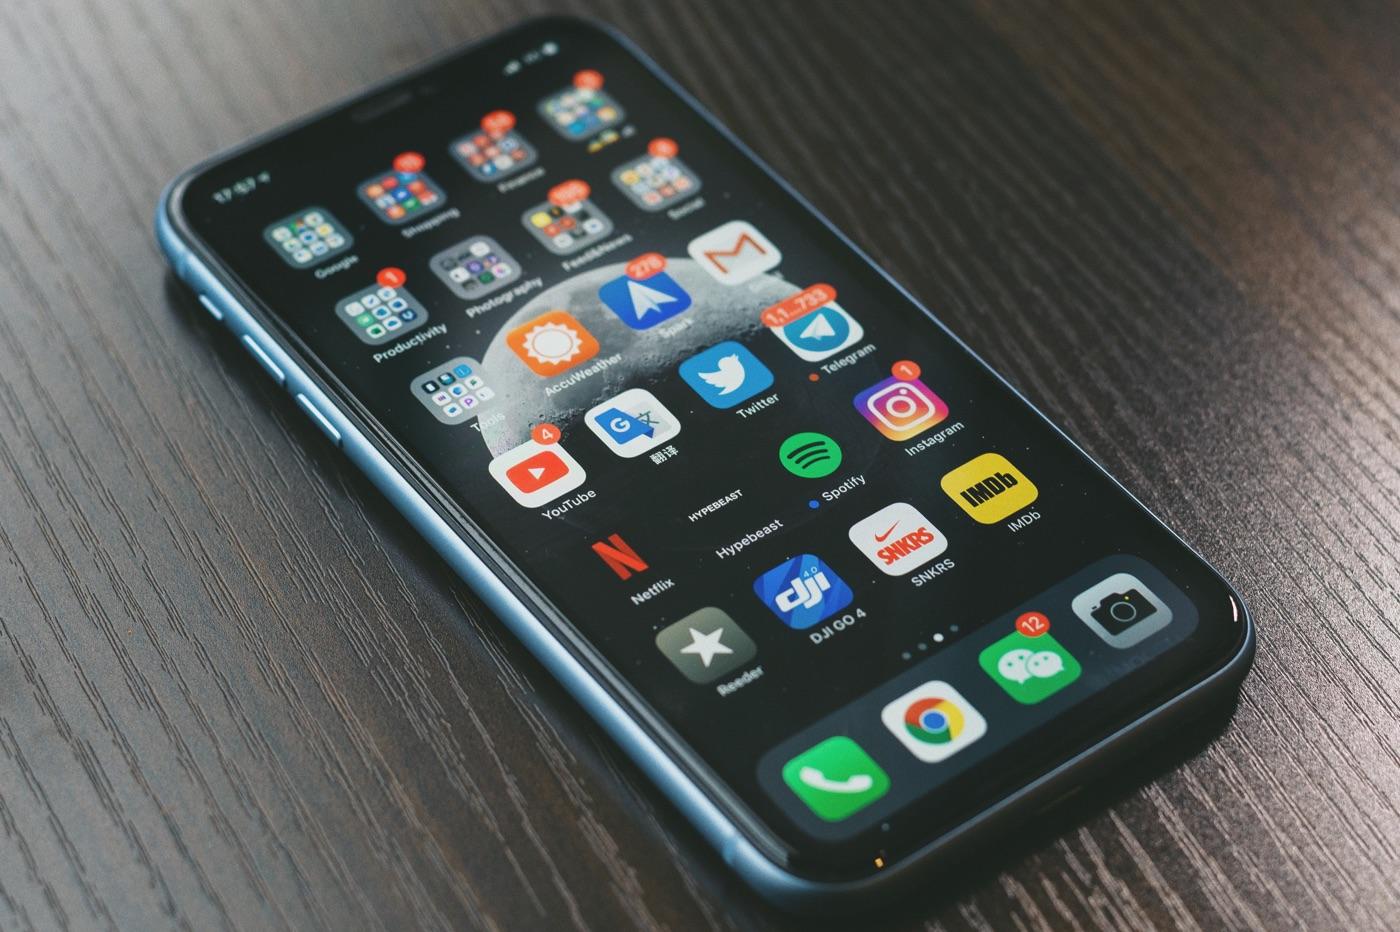 Best of apps iPhone : gérer sa présence sur internet (réseaux sociaux, blogs, etc.) 1